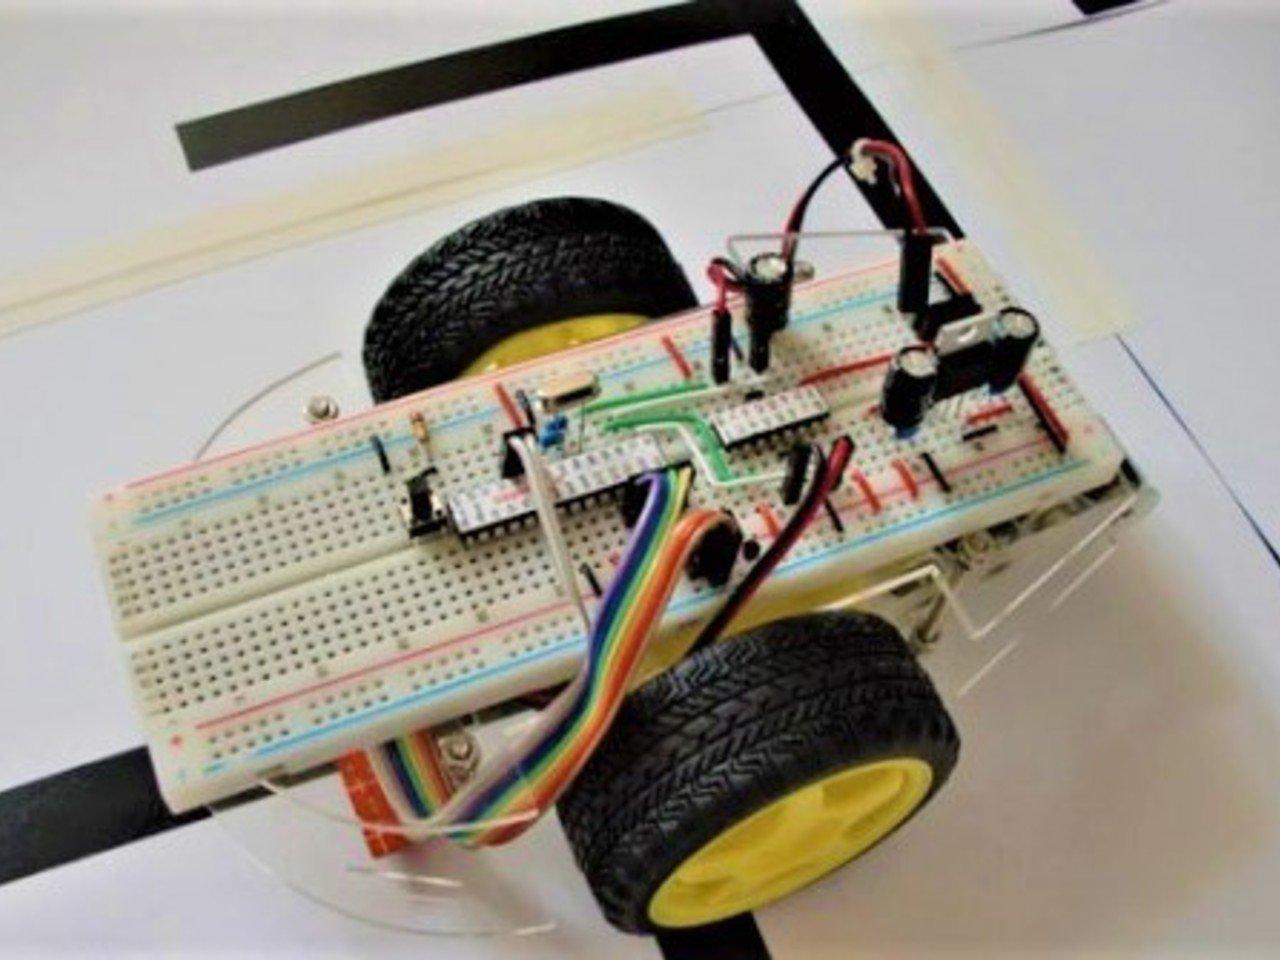 Line following Autonomous Maze Solving Robot.